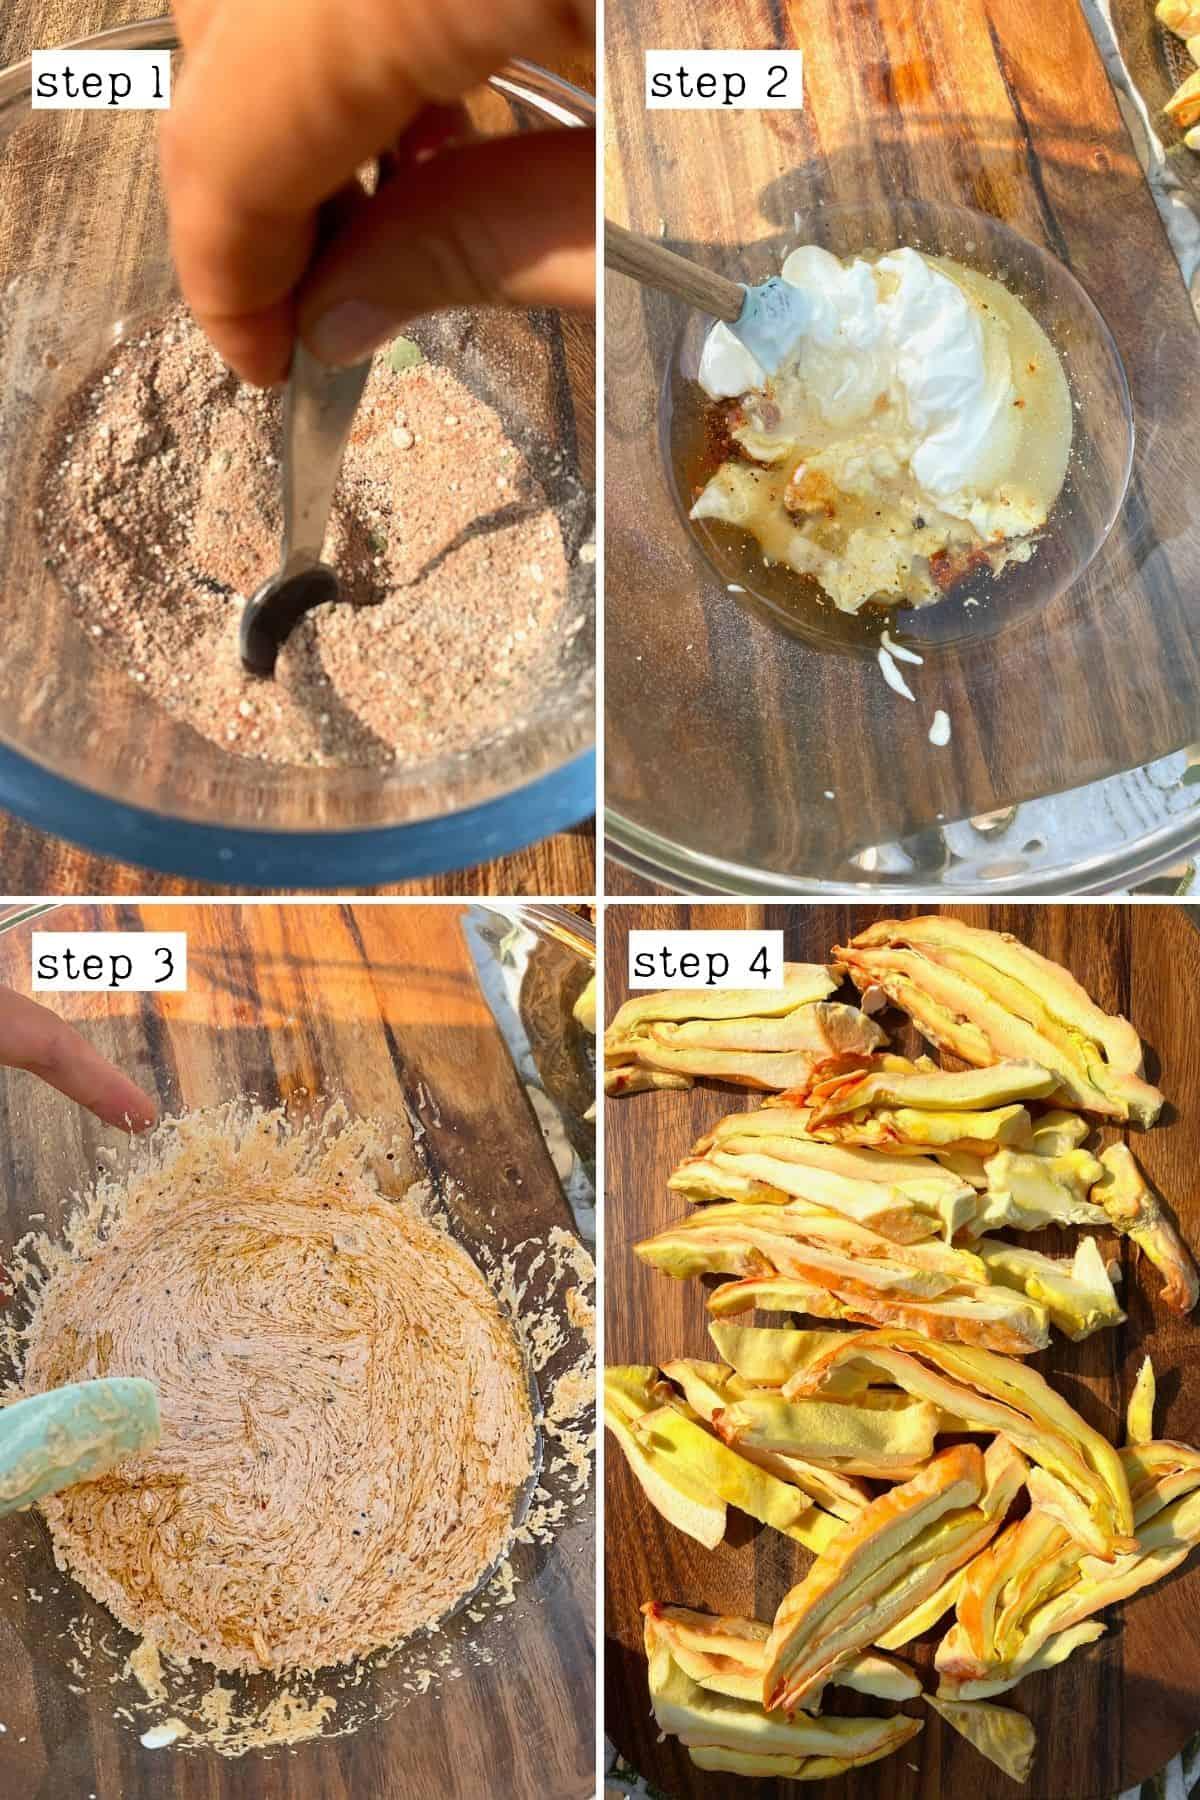 Steps for preparing mushroom shawarma